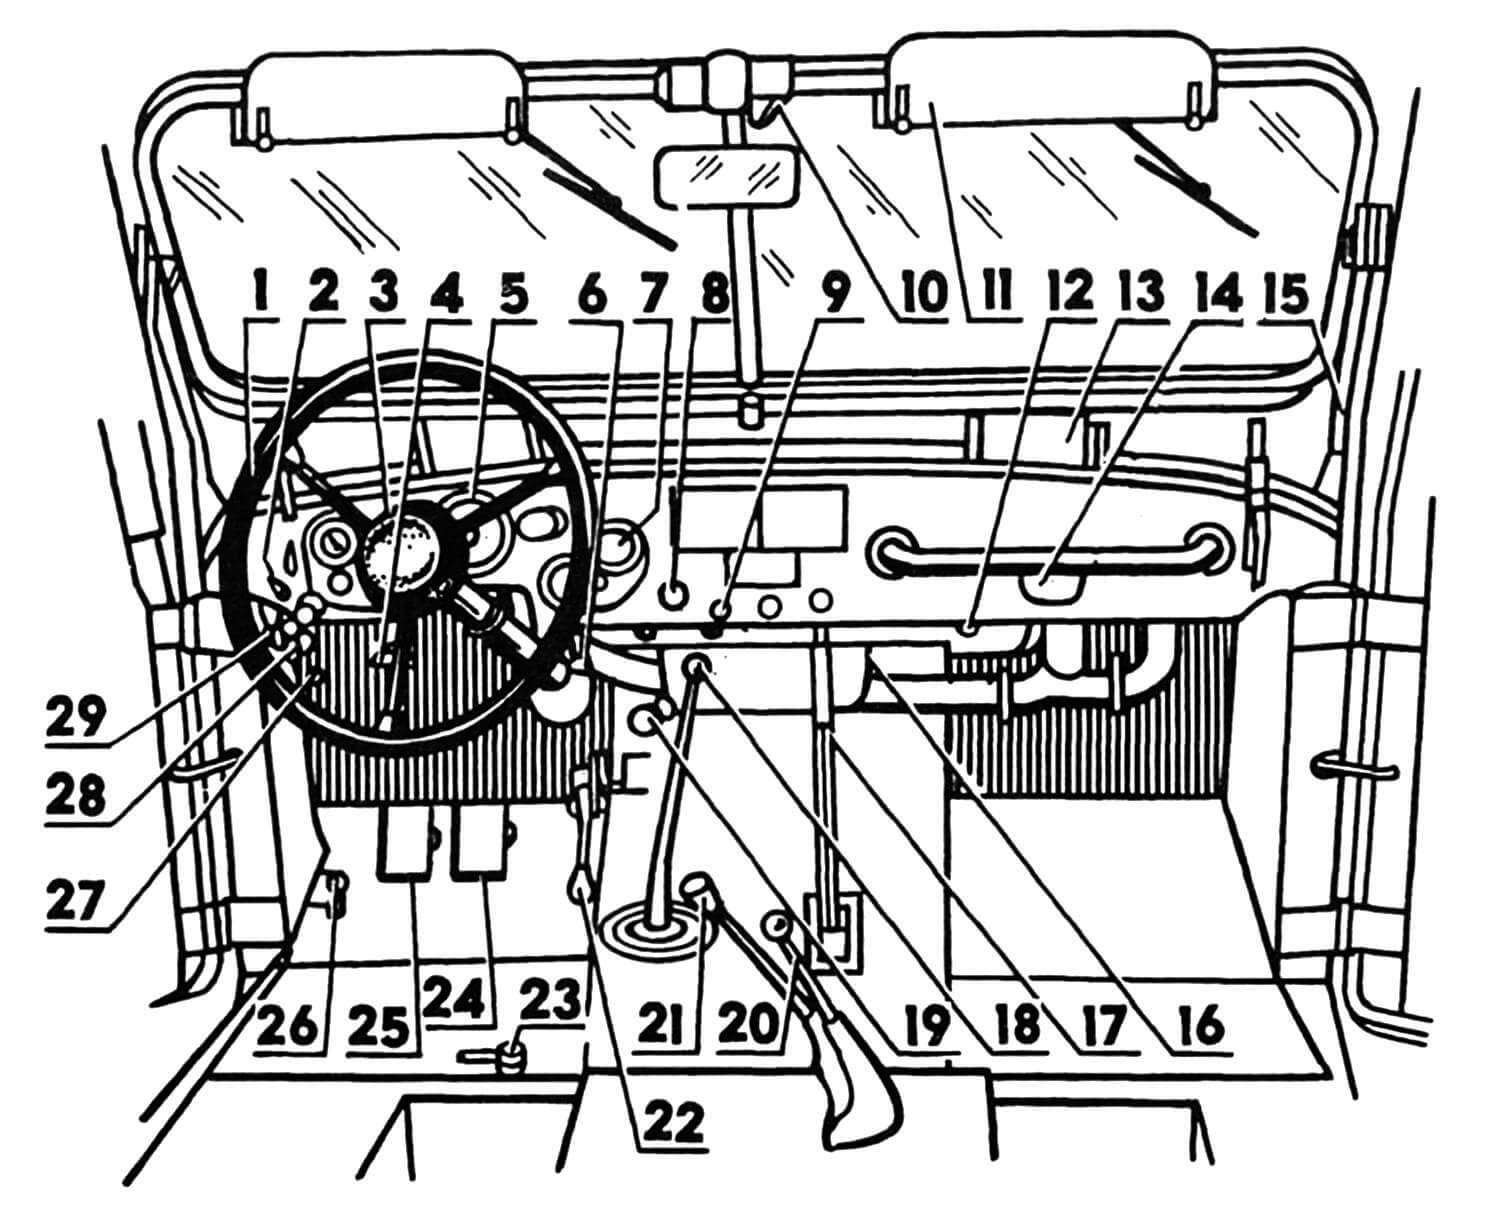 Органы управления и приборы: 1 — рулевое колесо, 2 — защелка рамы ветрового стекла, 3 — кнопка сигнала, 4 — рукоятка створок радиатора, 5— комбинация приборов, 6 — рычаг люка вентиляции, 7 — амперметр, 8 — замок зажигания, 9 — выключатель освещения приборов, 10 — электропривод стеклоочистителя, 11 — противосолнечный щиток, 12 — выключатель фонаря освещения, 13 — направляющая обдува ветрового стекла, 14 — фонарь (под козырьком), 15 — кулиса ветрового стекла, 16 — отопитель, 17 — рычаг ручного тормоза, 18 — рычаг переключения передач, 19 — педаль стартера, 20 — рычаг раздаточной коробки, 21 — рычаг включения переднего моста, 22 — педаль газа, 23 — трехходовой топливный кран, 24 — педаль тормоза, 25 — педаль сцепления, 26 — кнопка ножного переключения света, 27 — включатель поворотной фары, 28 — блок плавких предохранителей, 29 — штепсельная розетка.